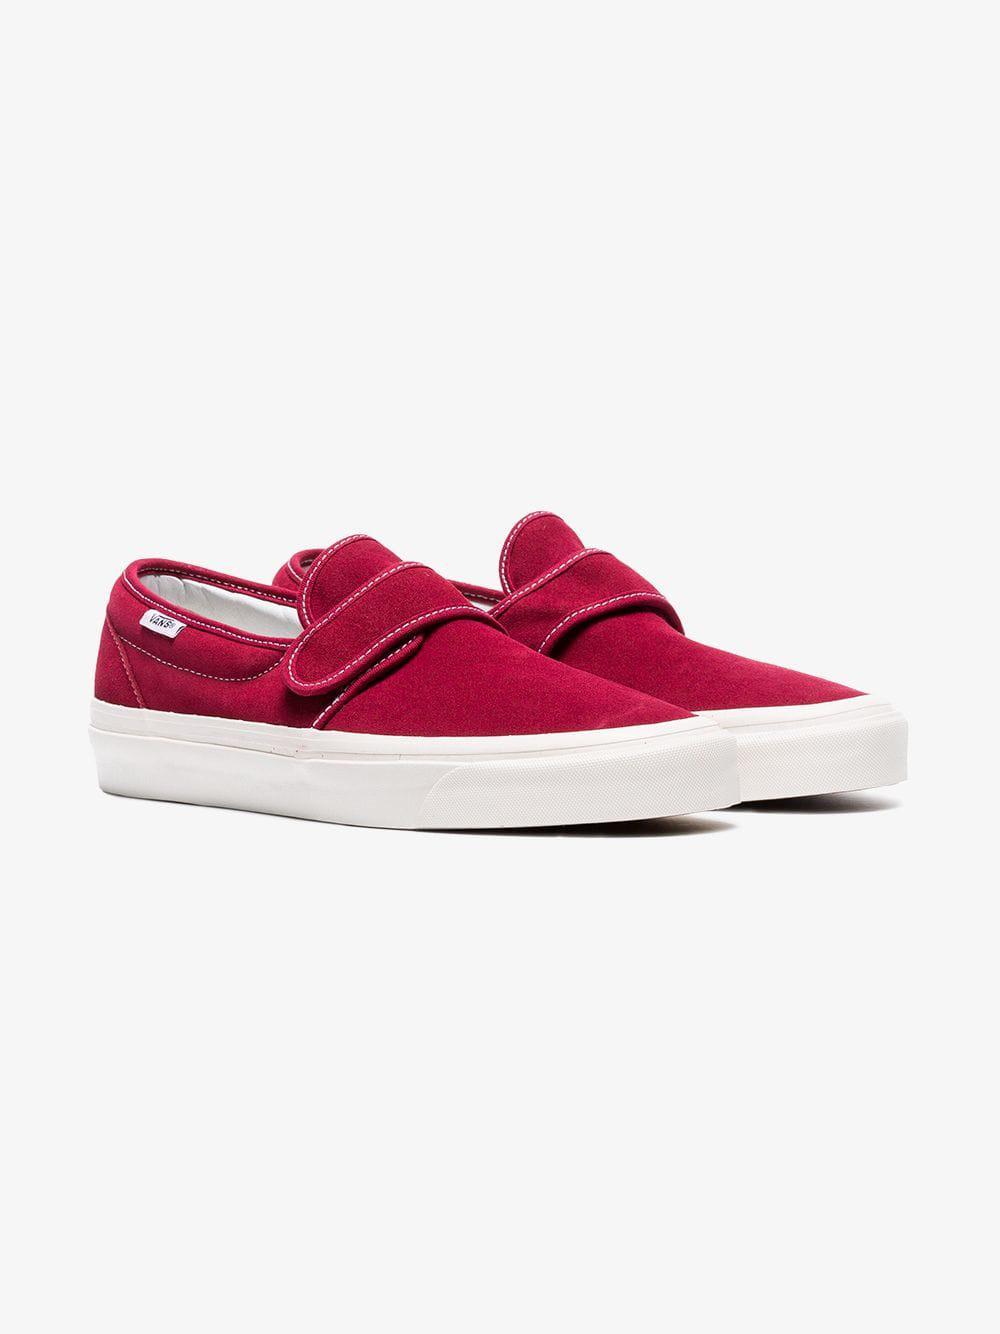 4d8f5ca876 Vans Burgundy 47 Slip On Suede Sneakers for Men - Lyst